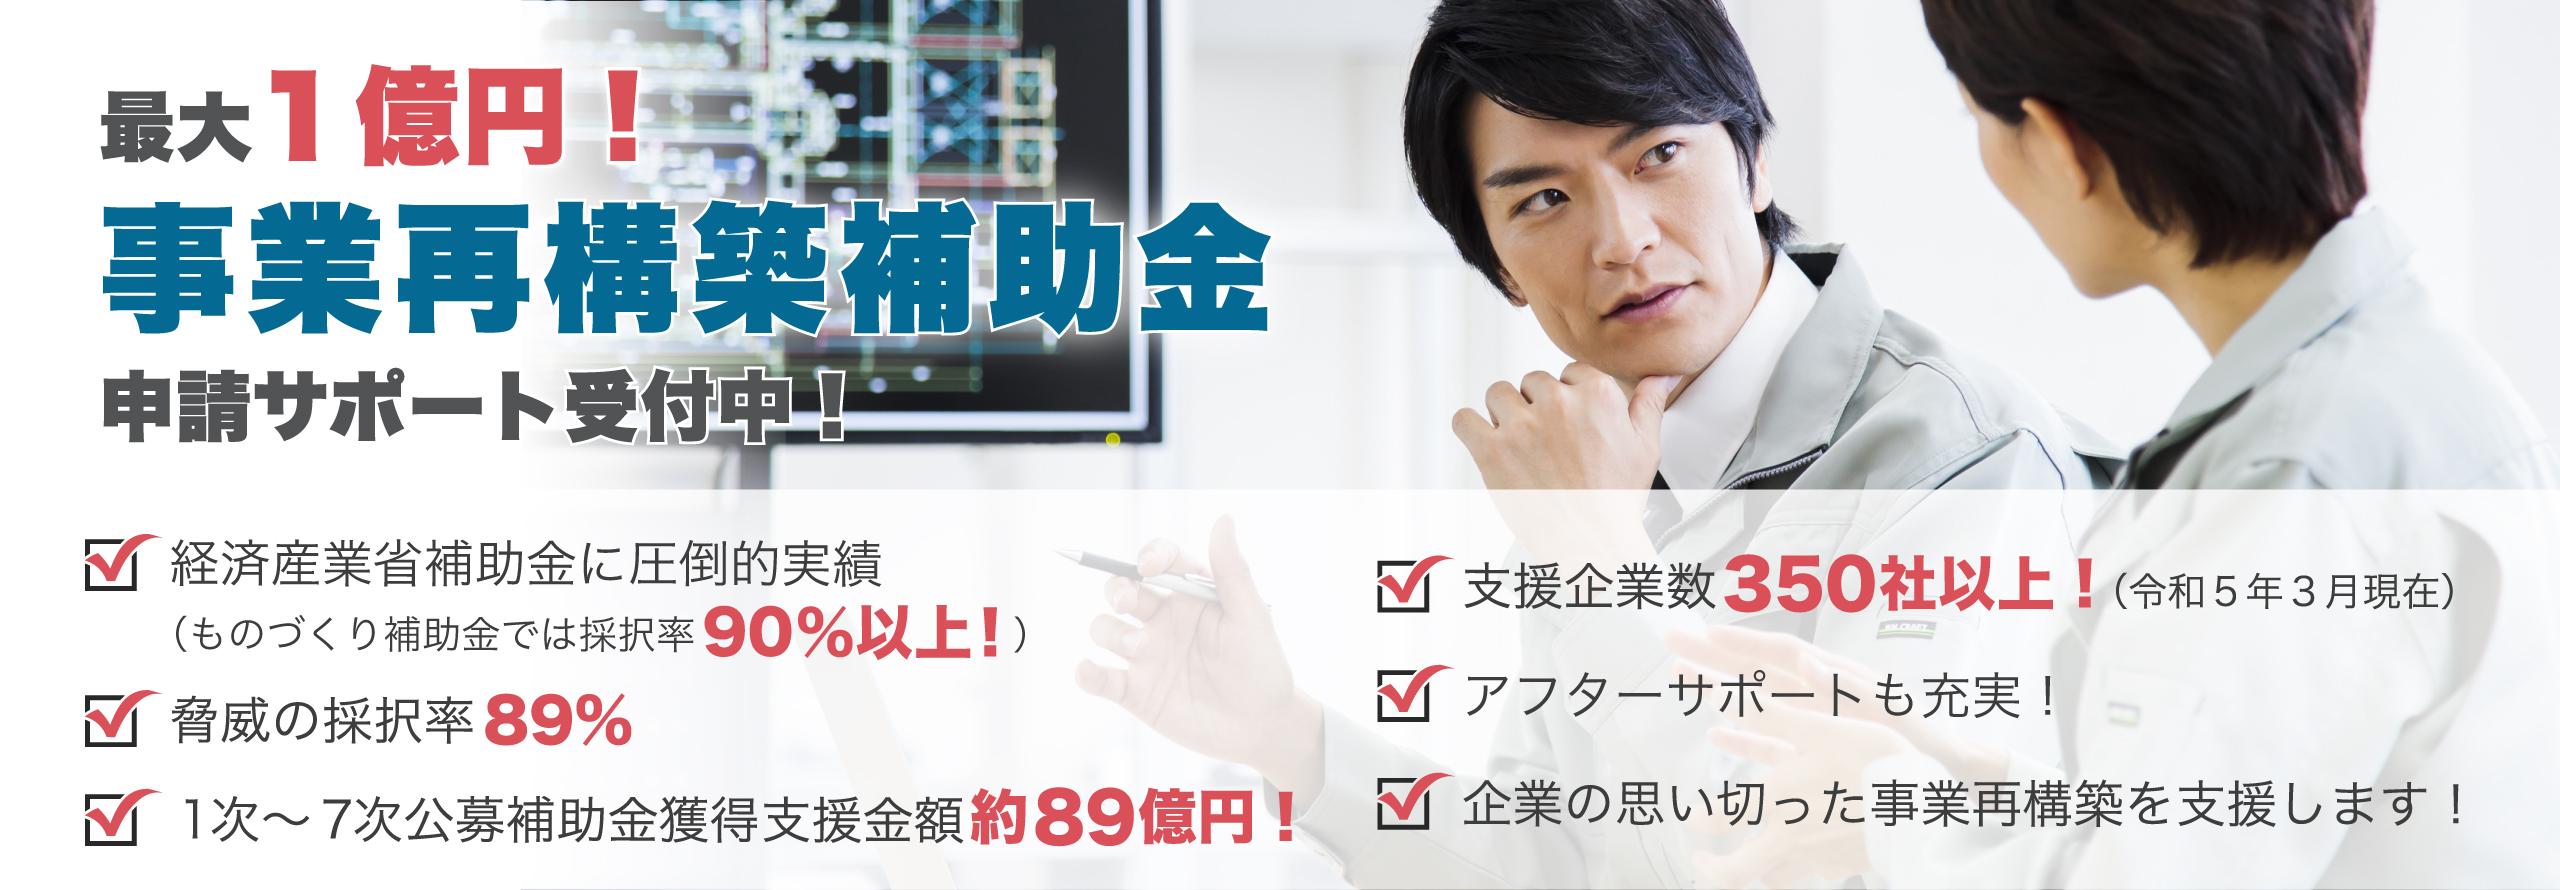 最大1億円!事業再構築補助金申請サポート受付中!